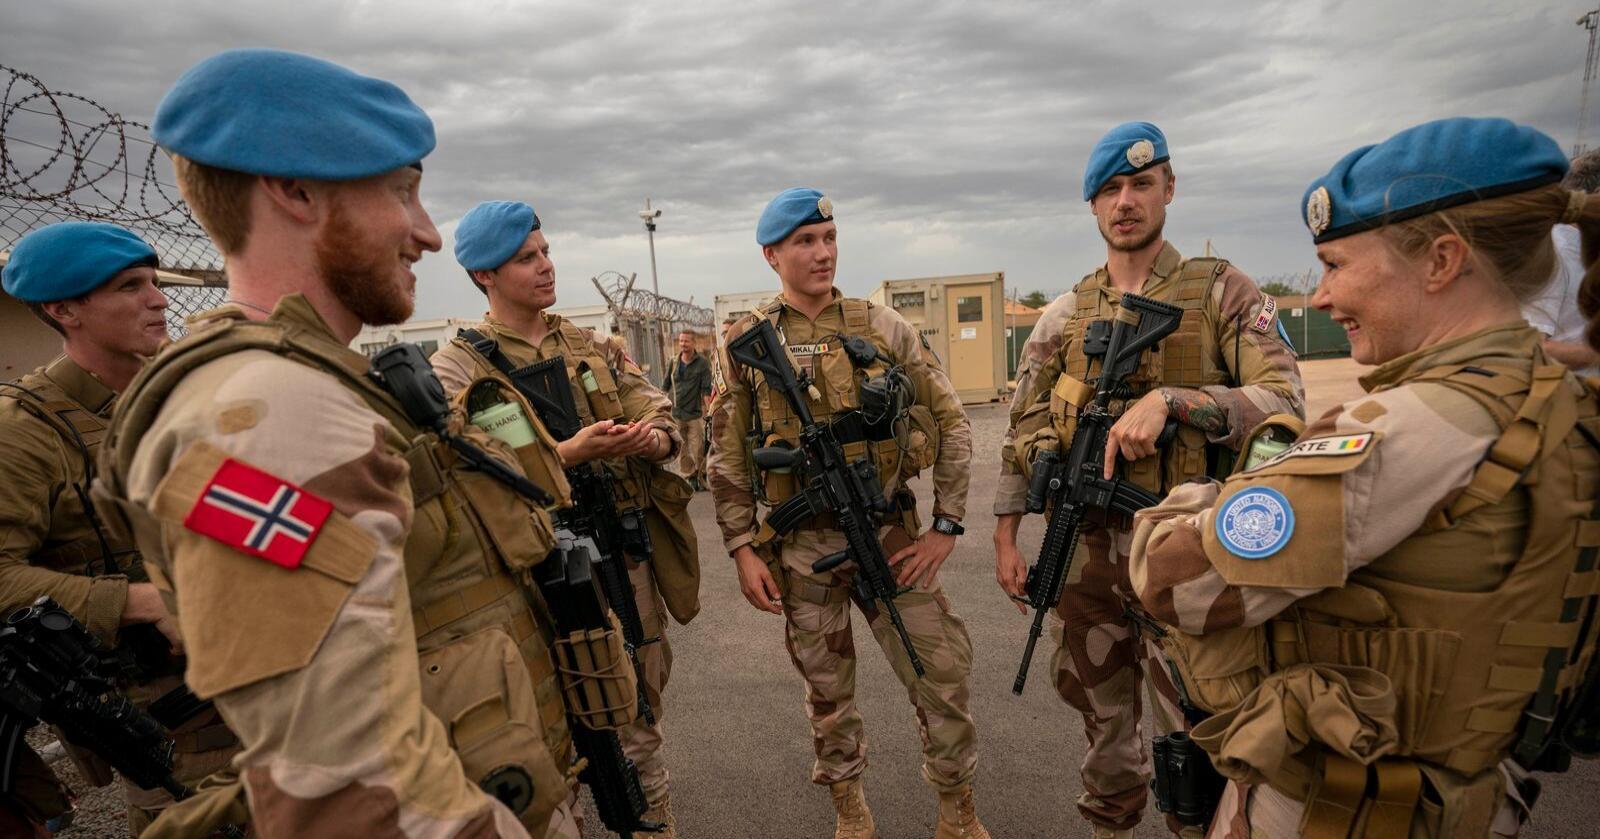 Norske FN-soldater på post i Camp Bifrost i Bamako. De er del av den norske kontigenten som deltar i FNs fredsbevarende operasjon i Mali, MINUSMA.Foto: Heiko Junge / NTB